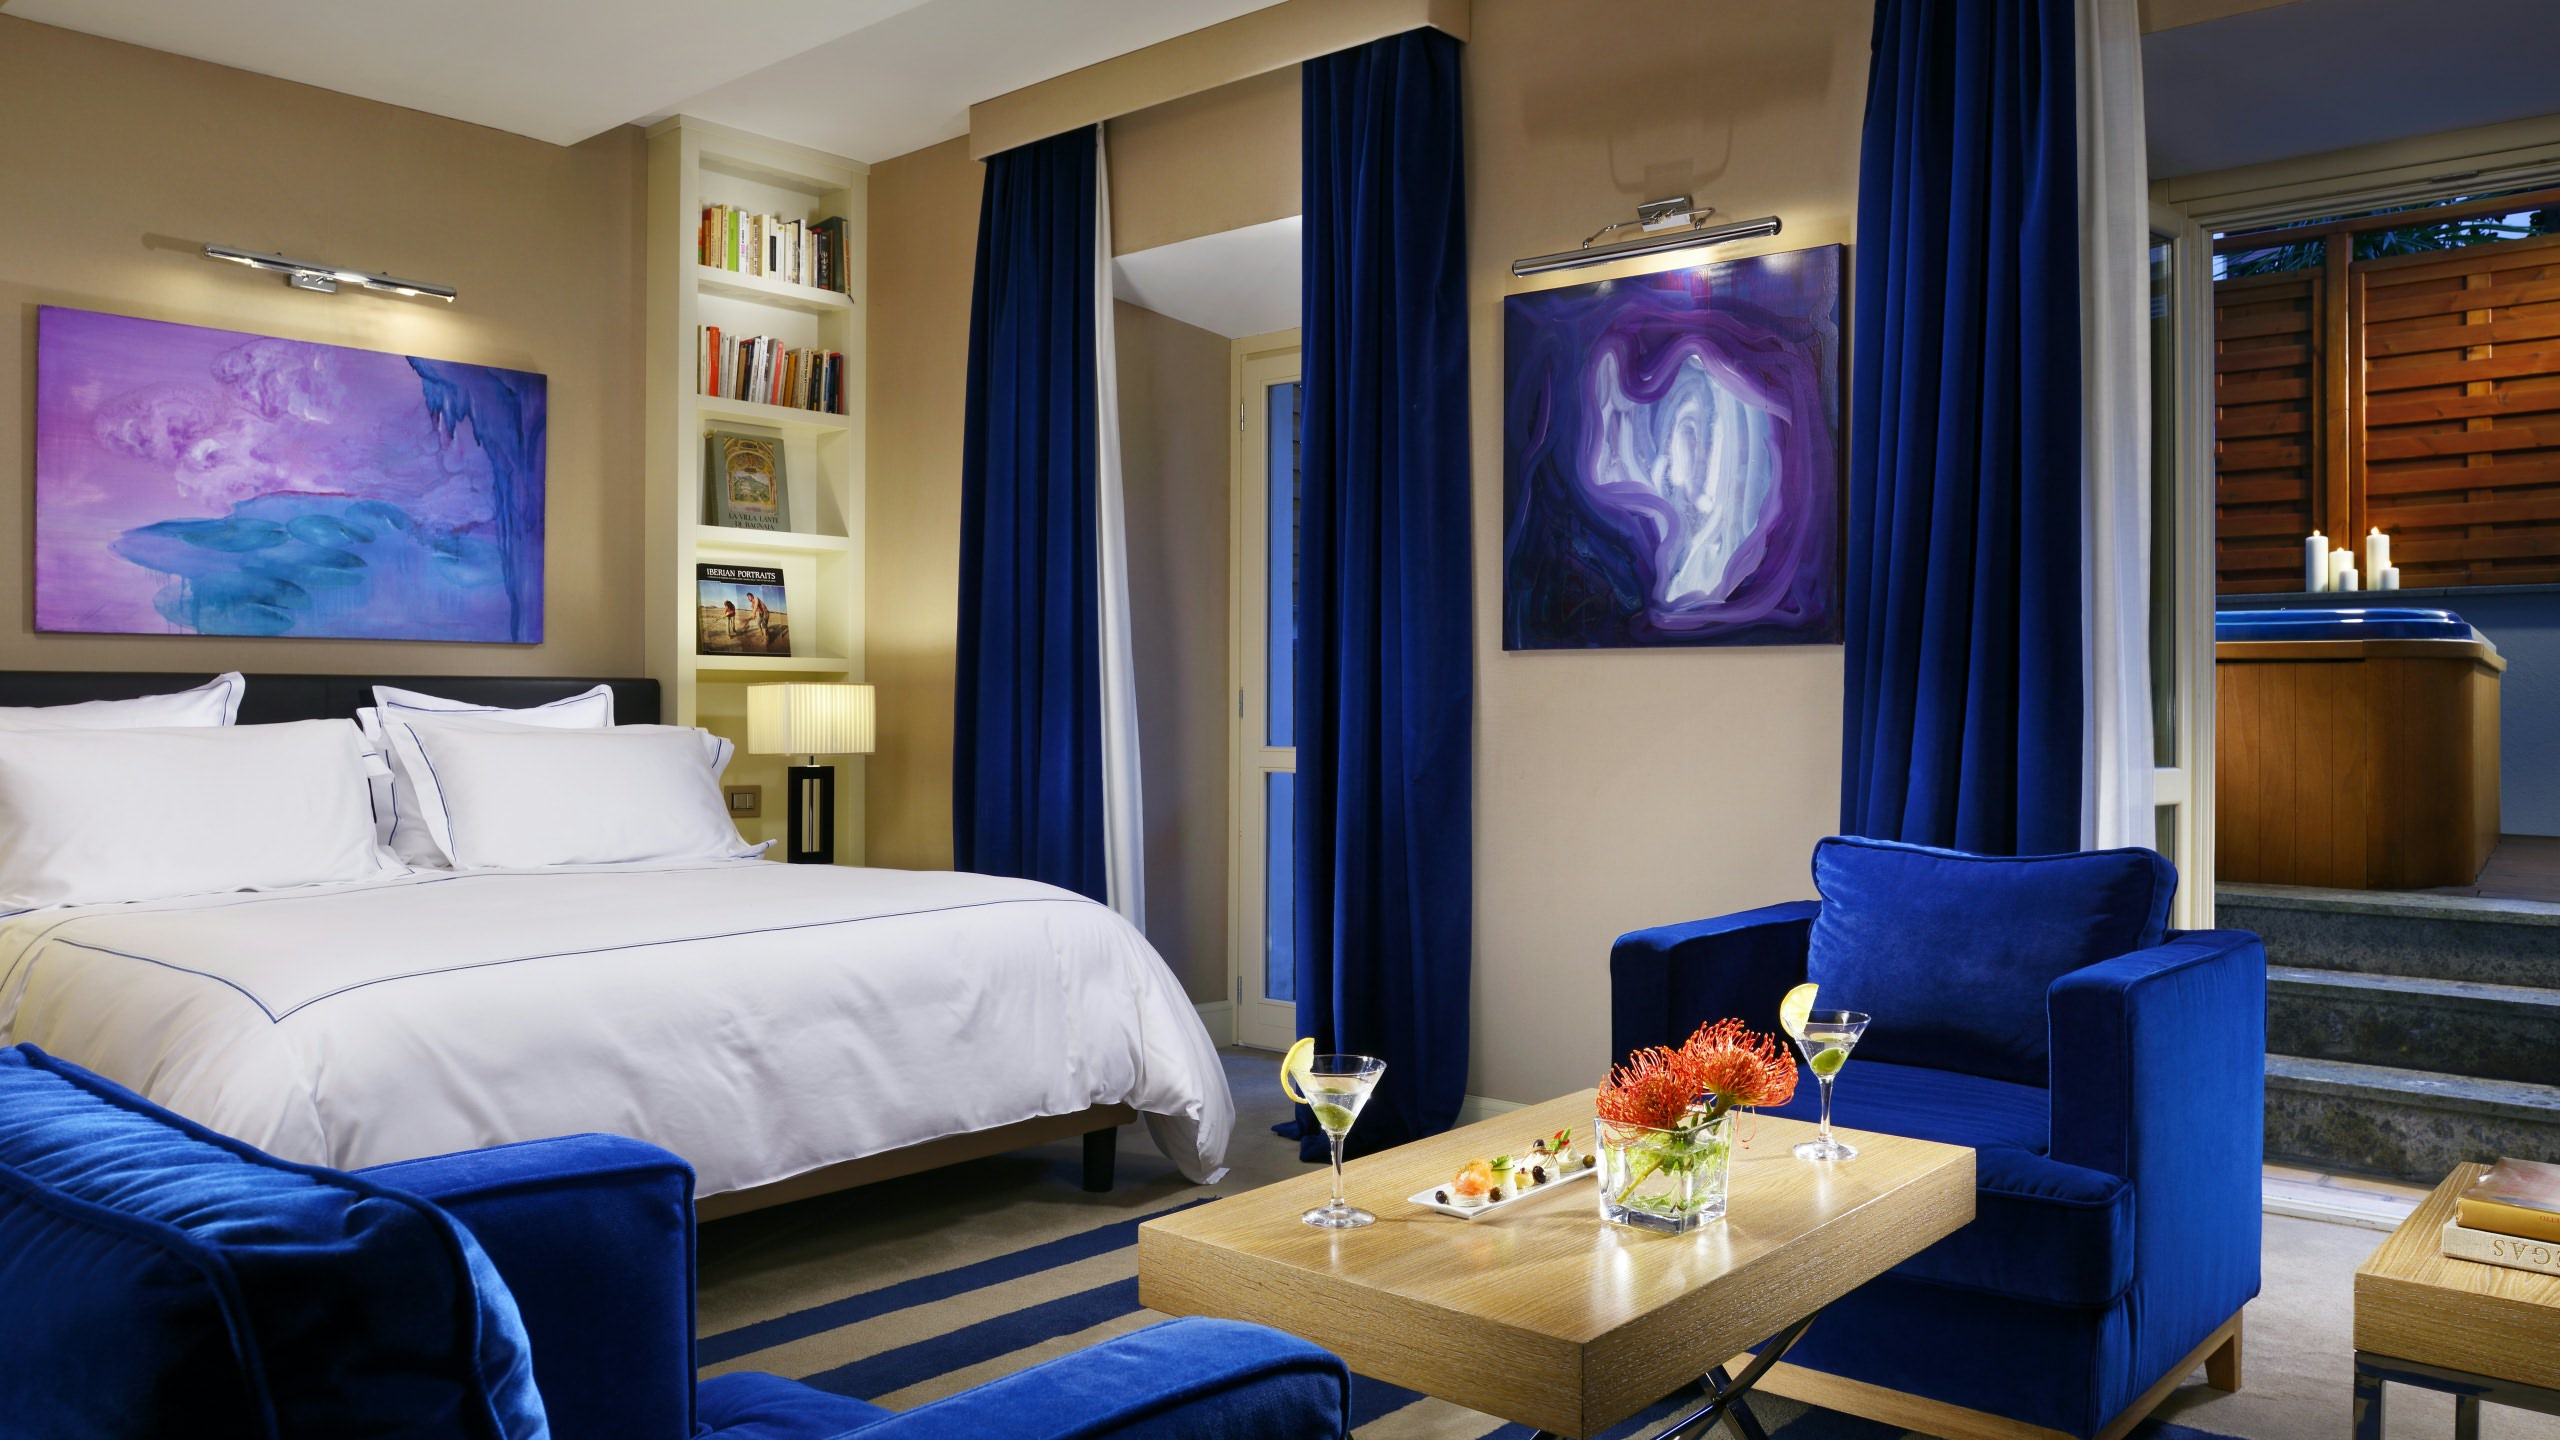 Hôtel luxe Popolo - Jacuzzi suite